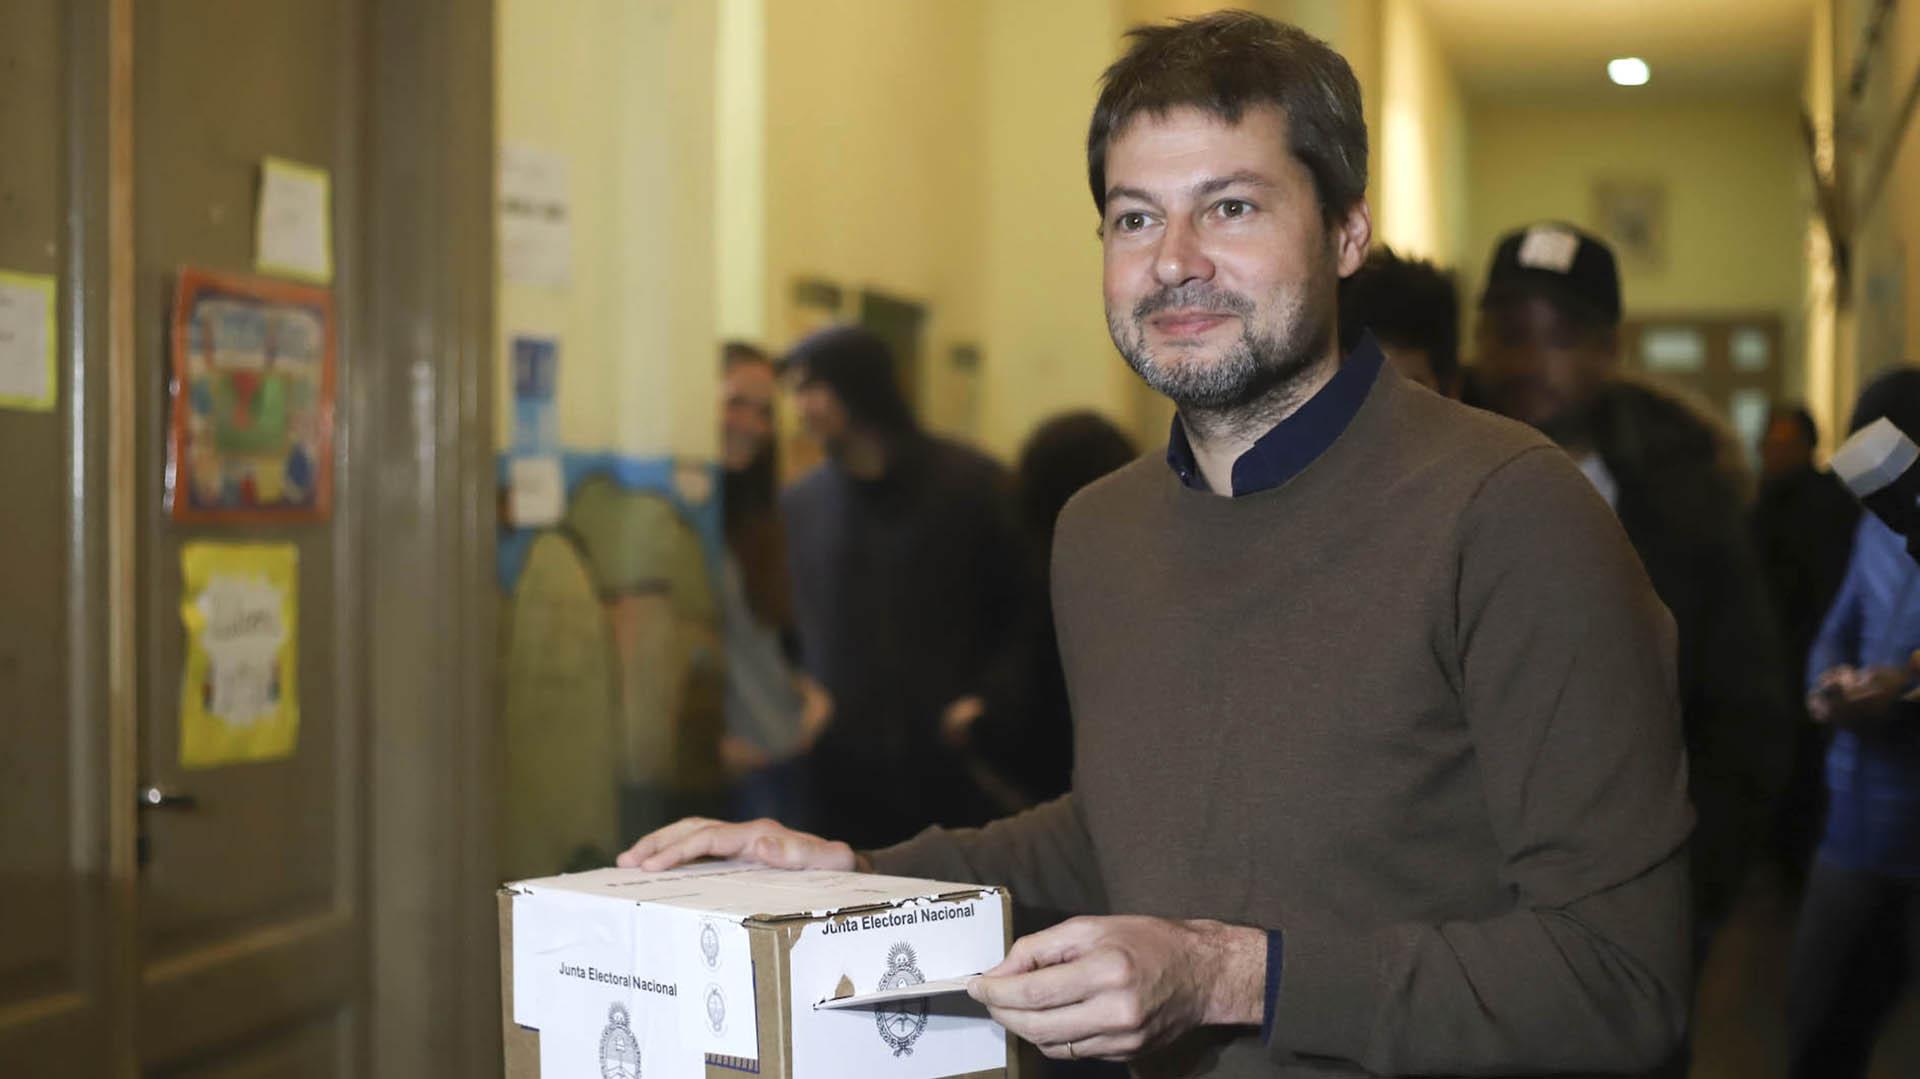 Matías Lammens. El presidente de San Lorenzo quiere derrotar a Larreta